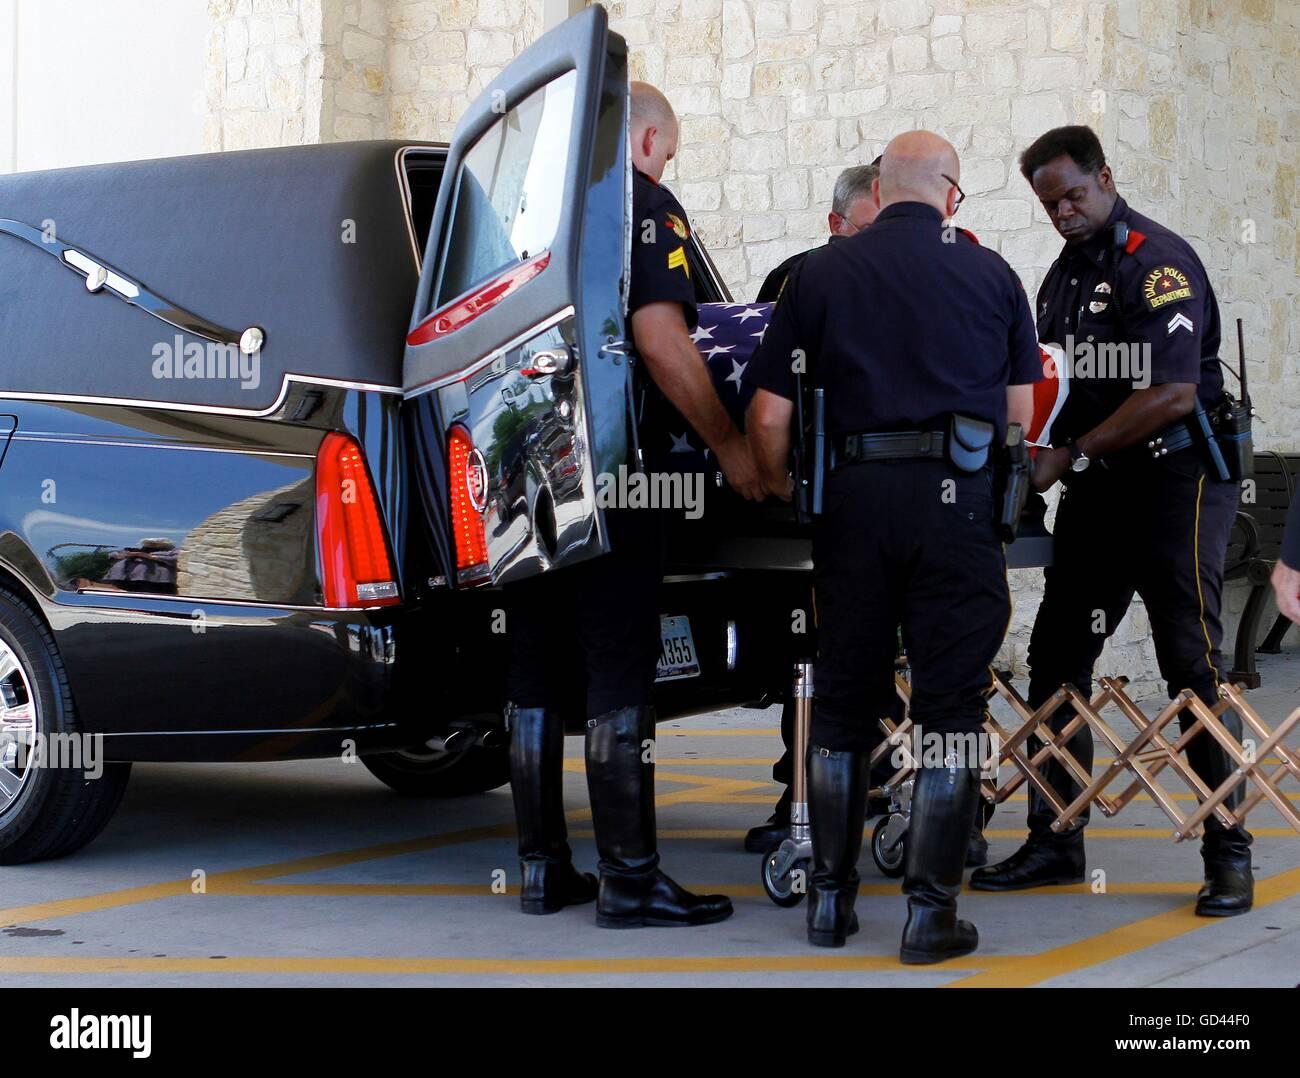 Dallas, Texas, USA  12th July, 2016  The body of Dallas